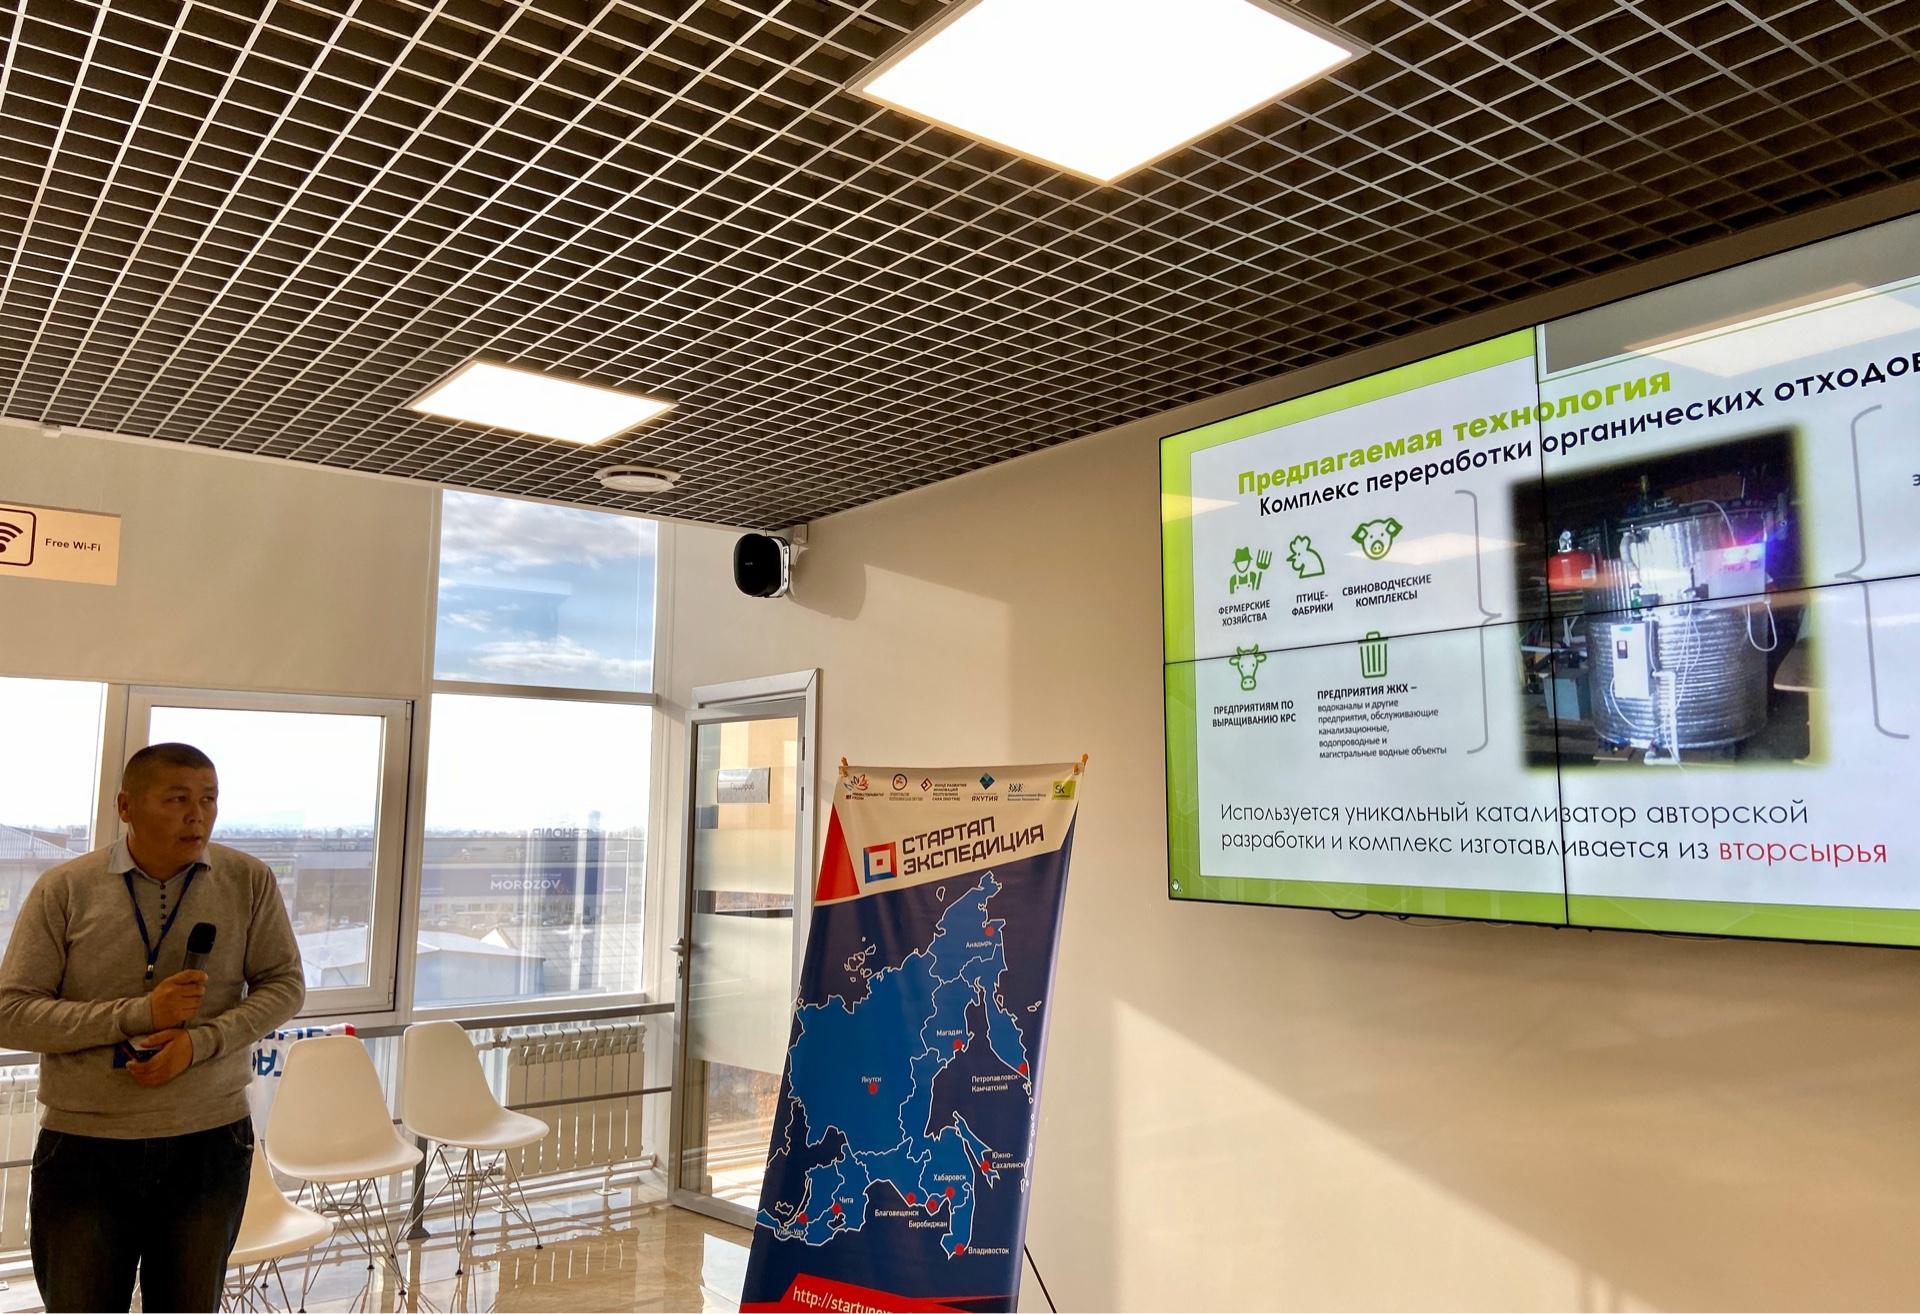 Победителем тура «Стартап Экспедиции» в Бурятии стал создатель комплекса по утилизации органических отходов